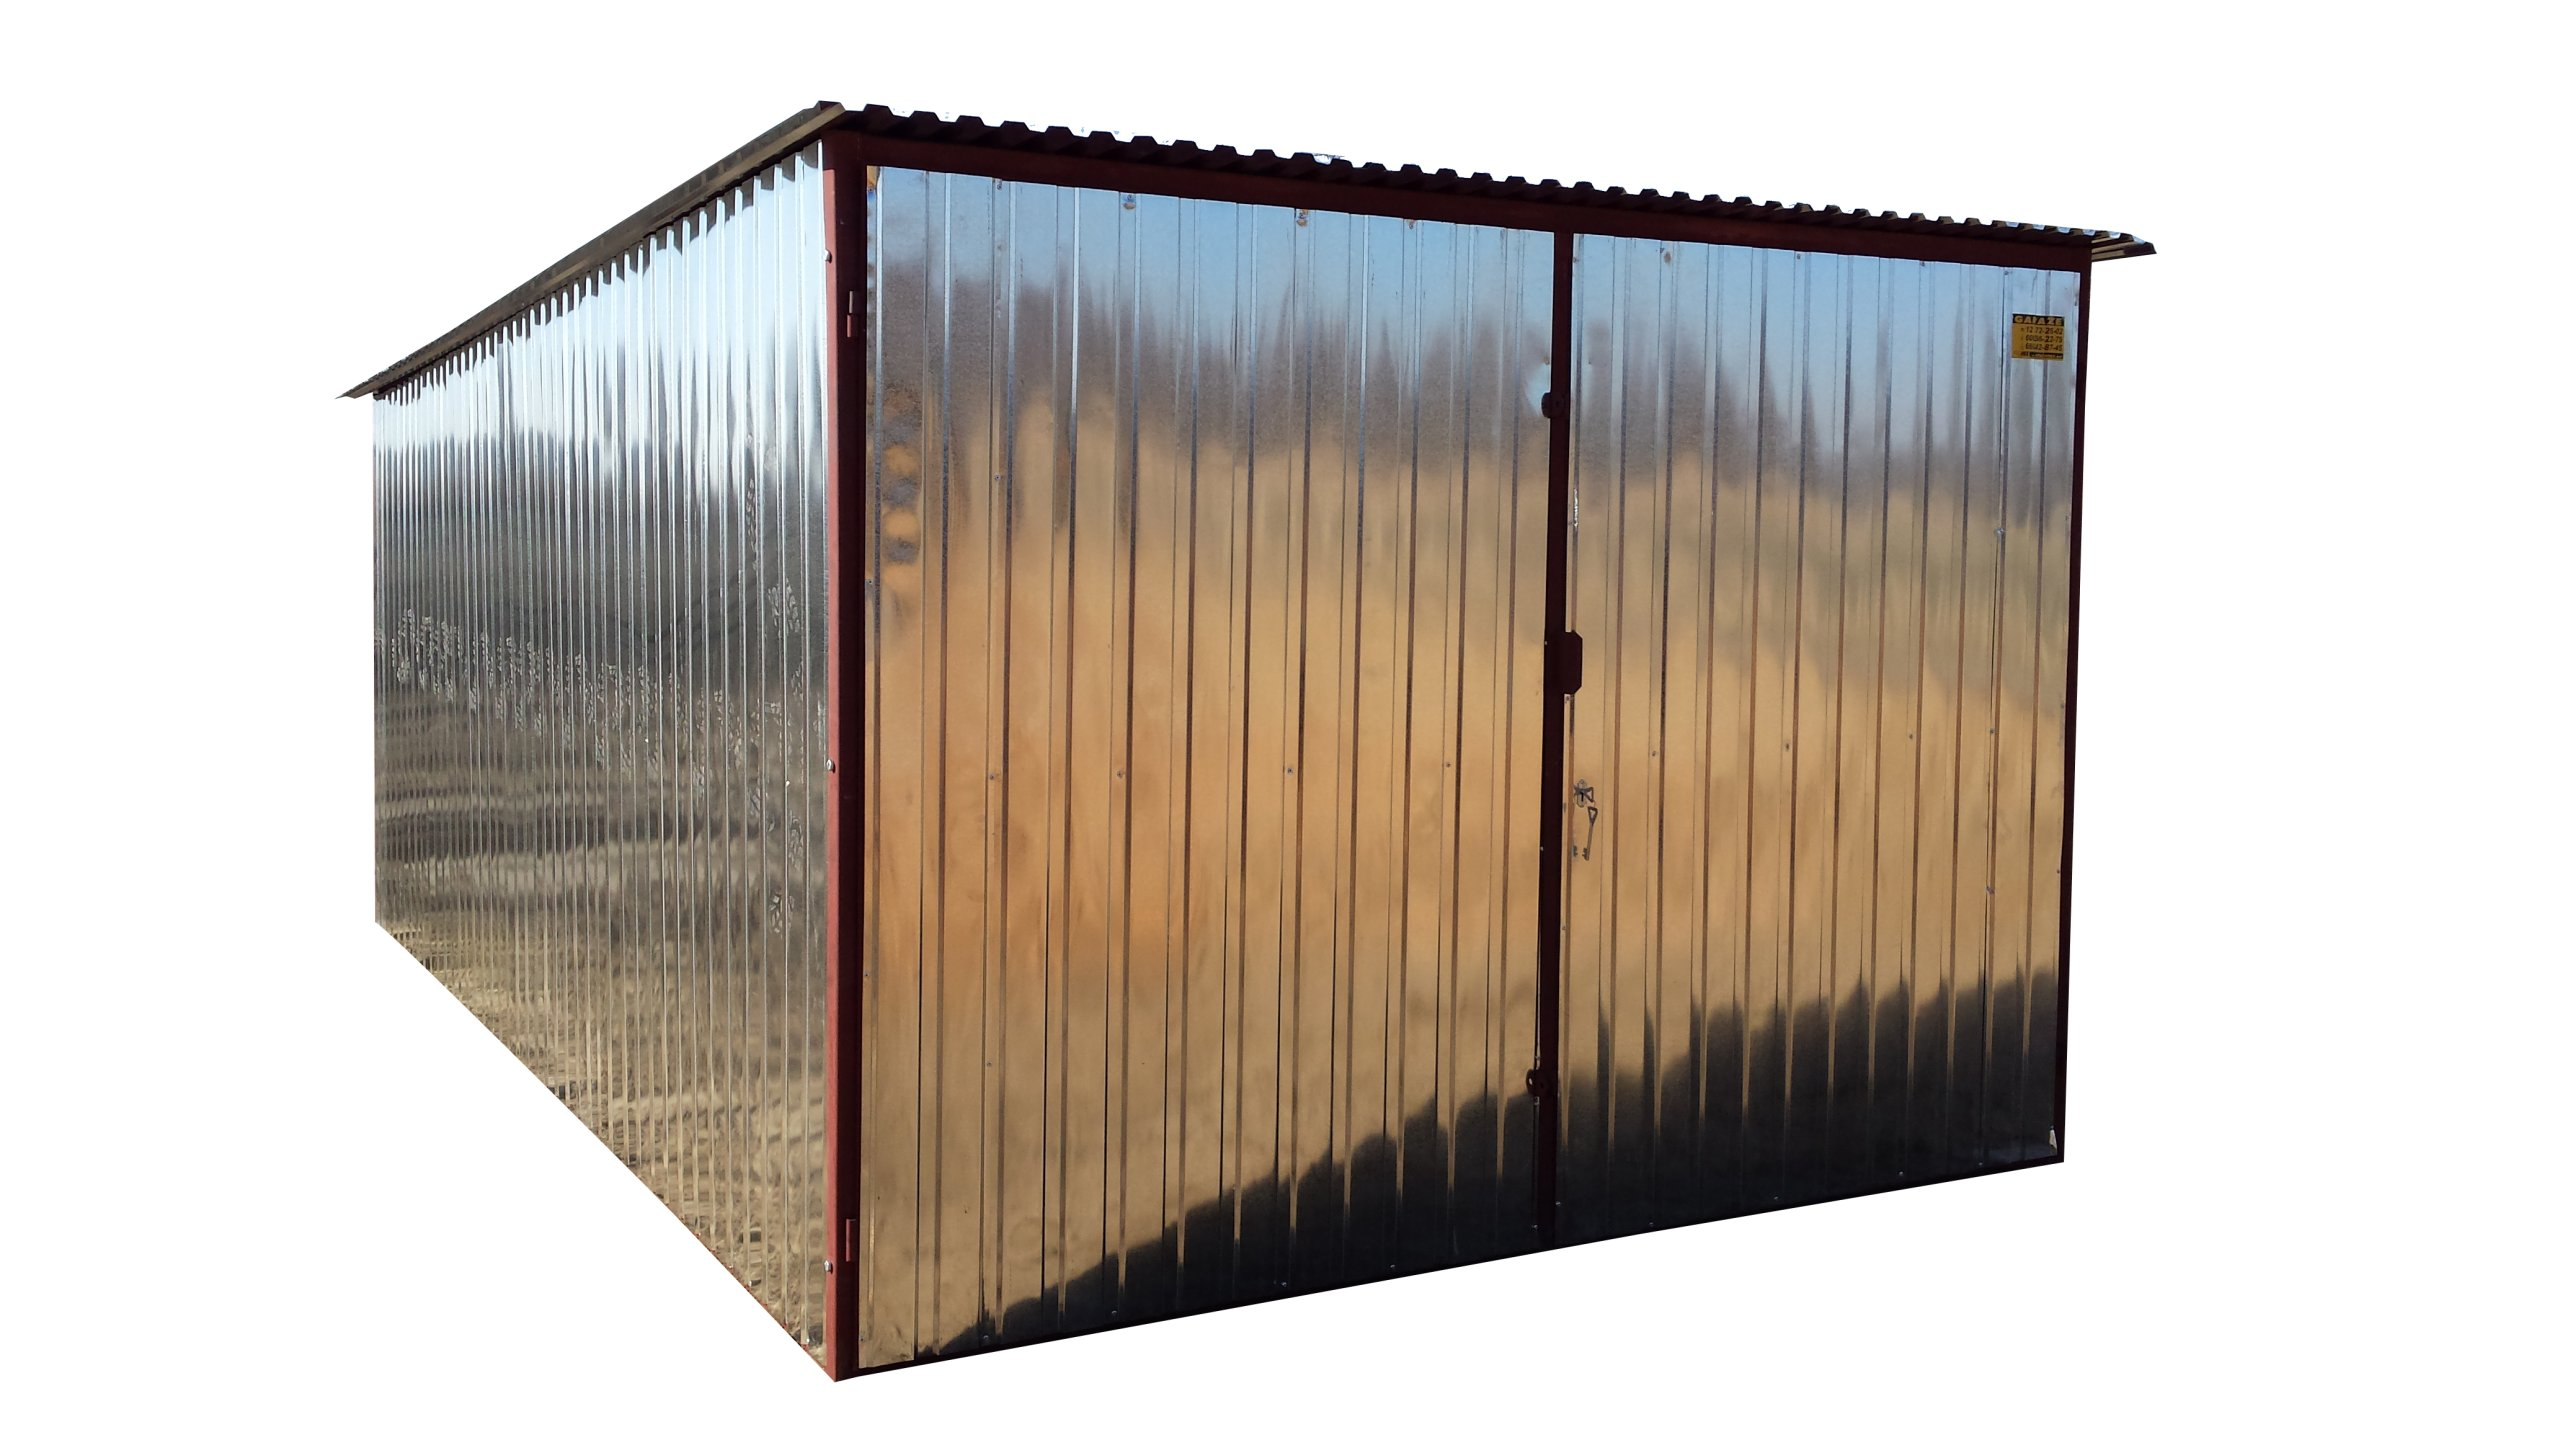 Ogromny GARAŻE BLASZANE garaz blaszany 3x5 śląsk KATOWICE - 6710646578 IS55